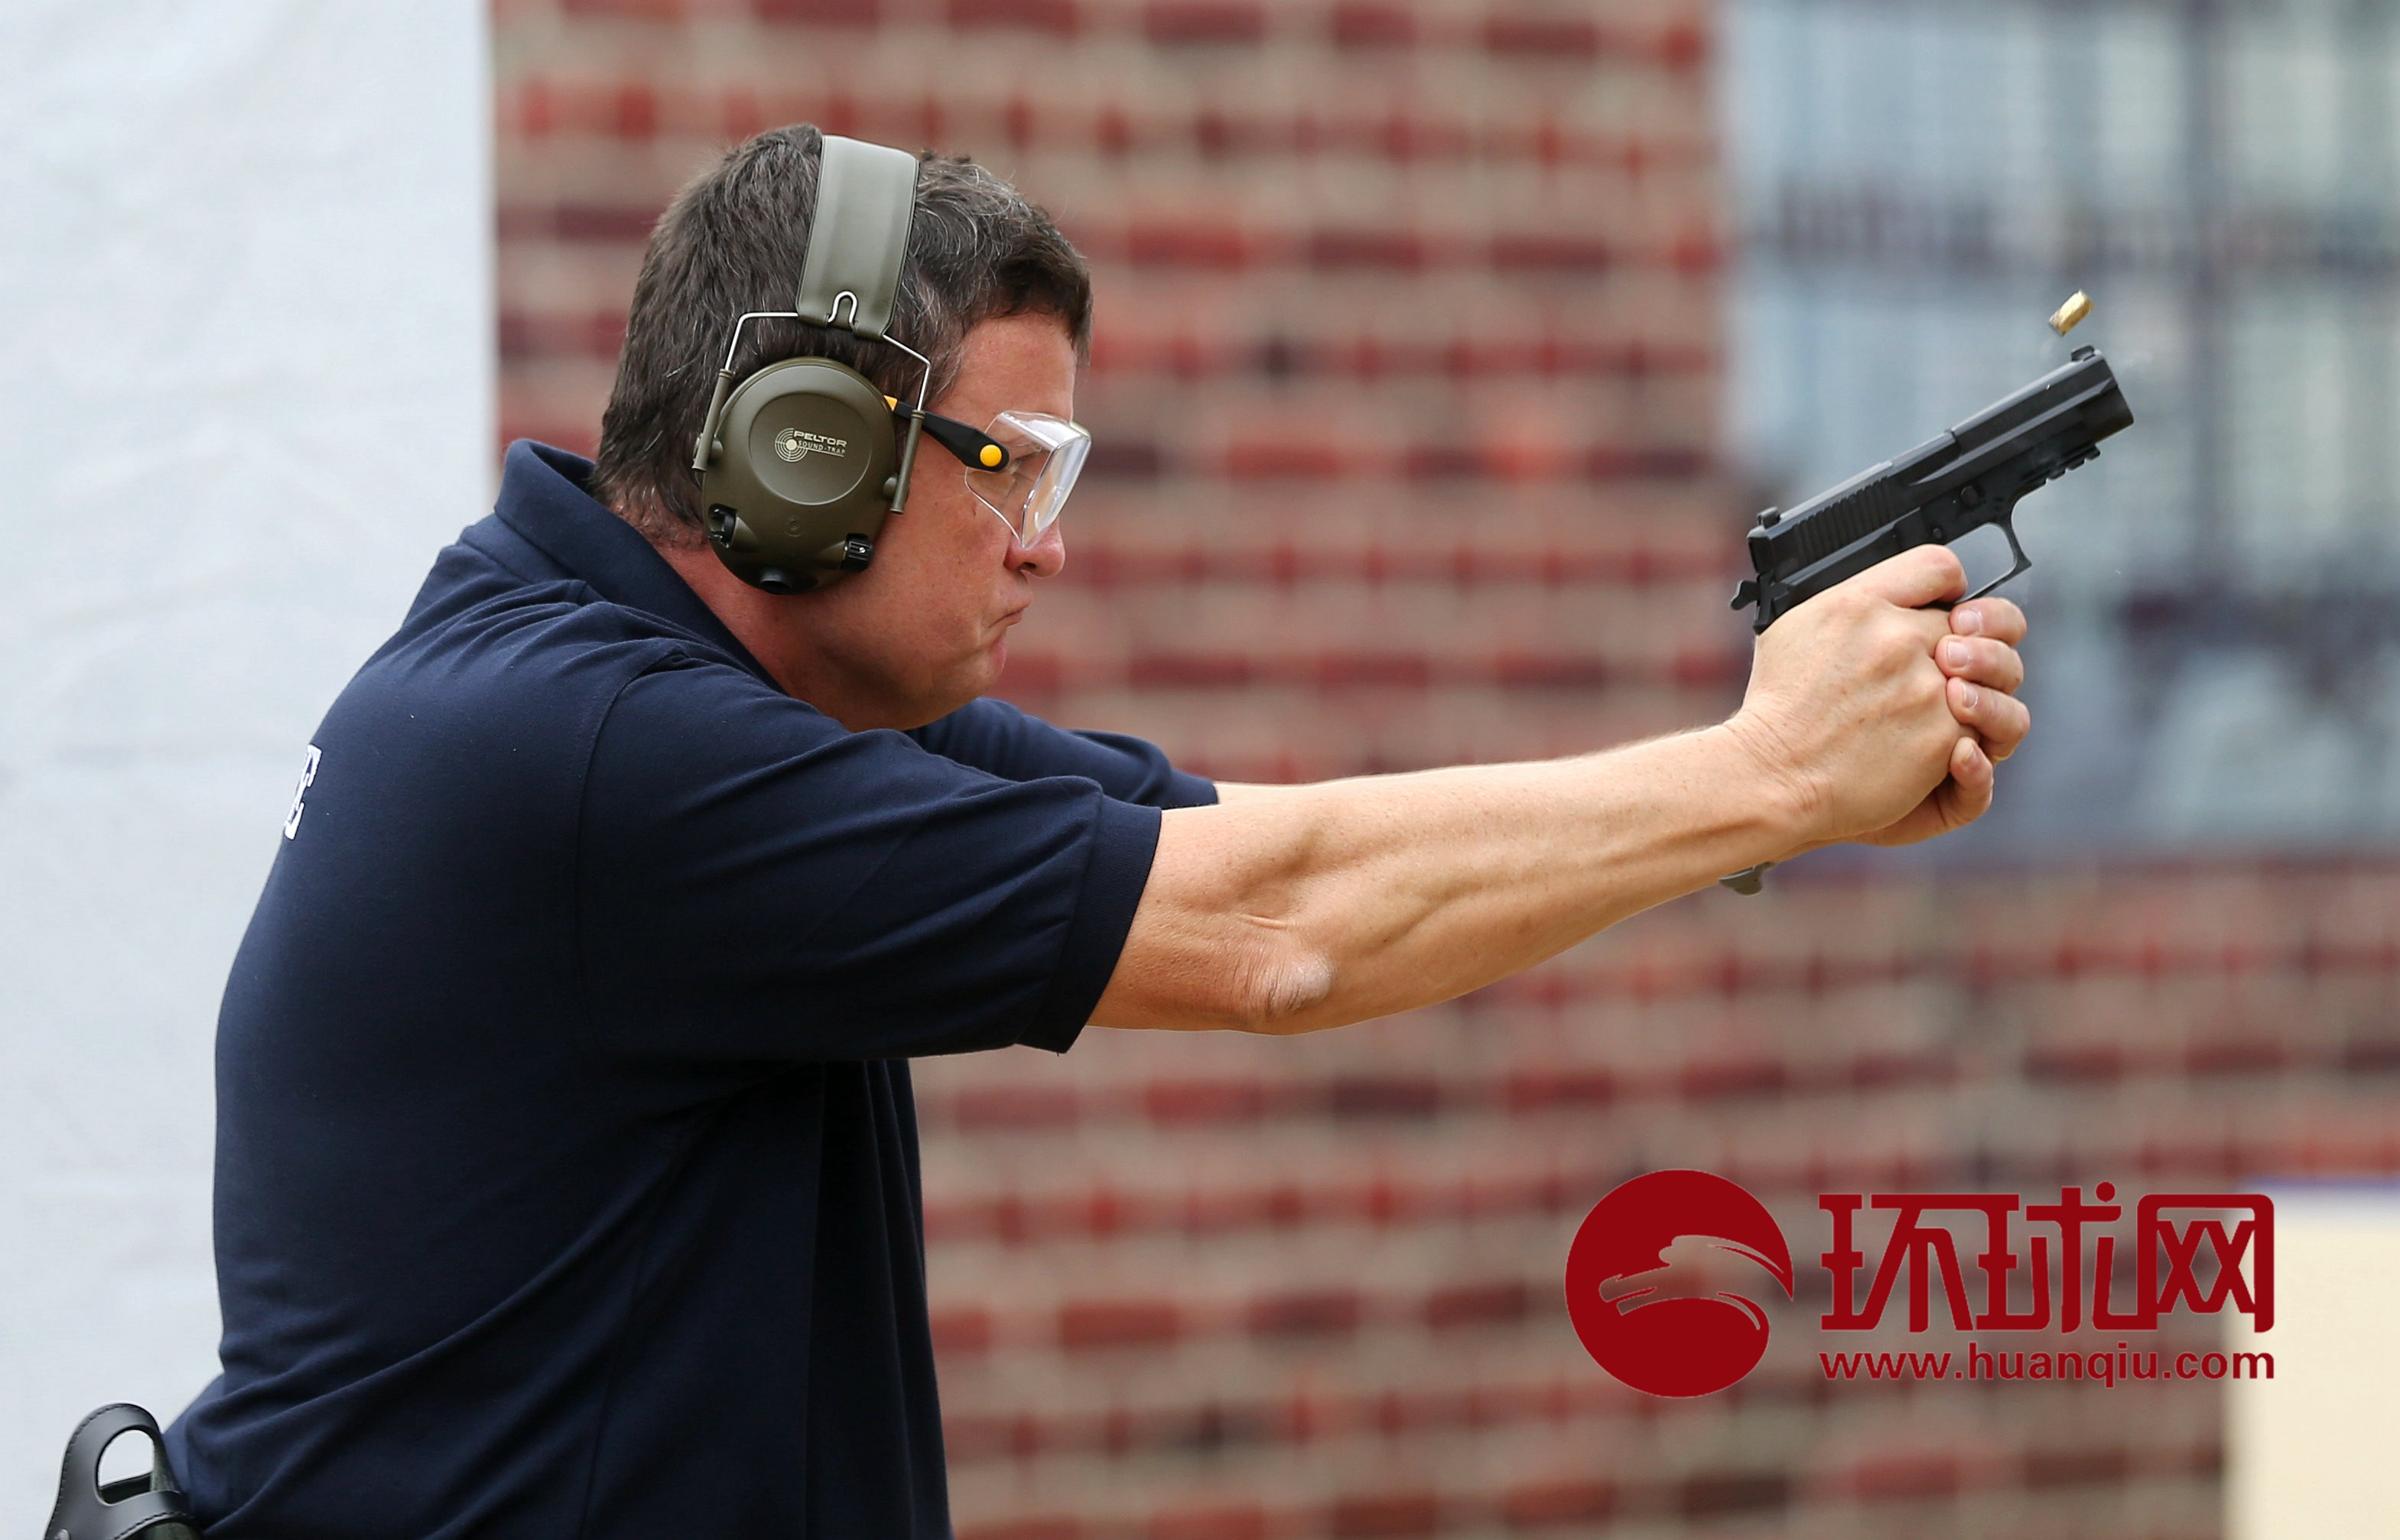 燃!第二届世界警察手枪射击比赛进入第二日角逐